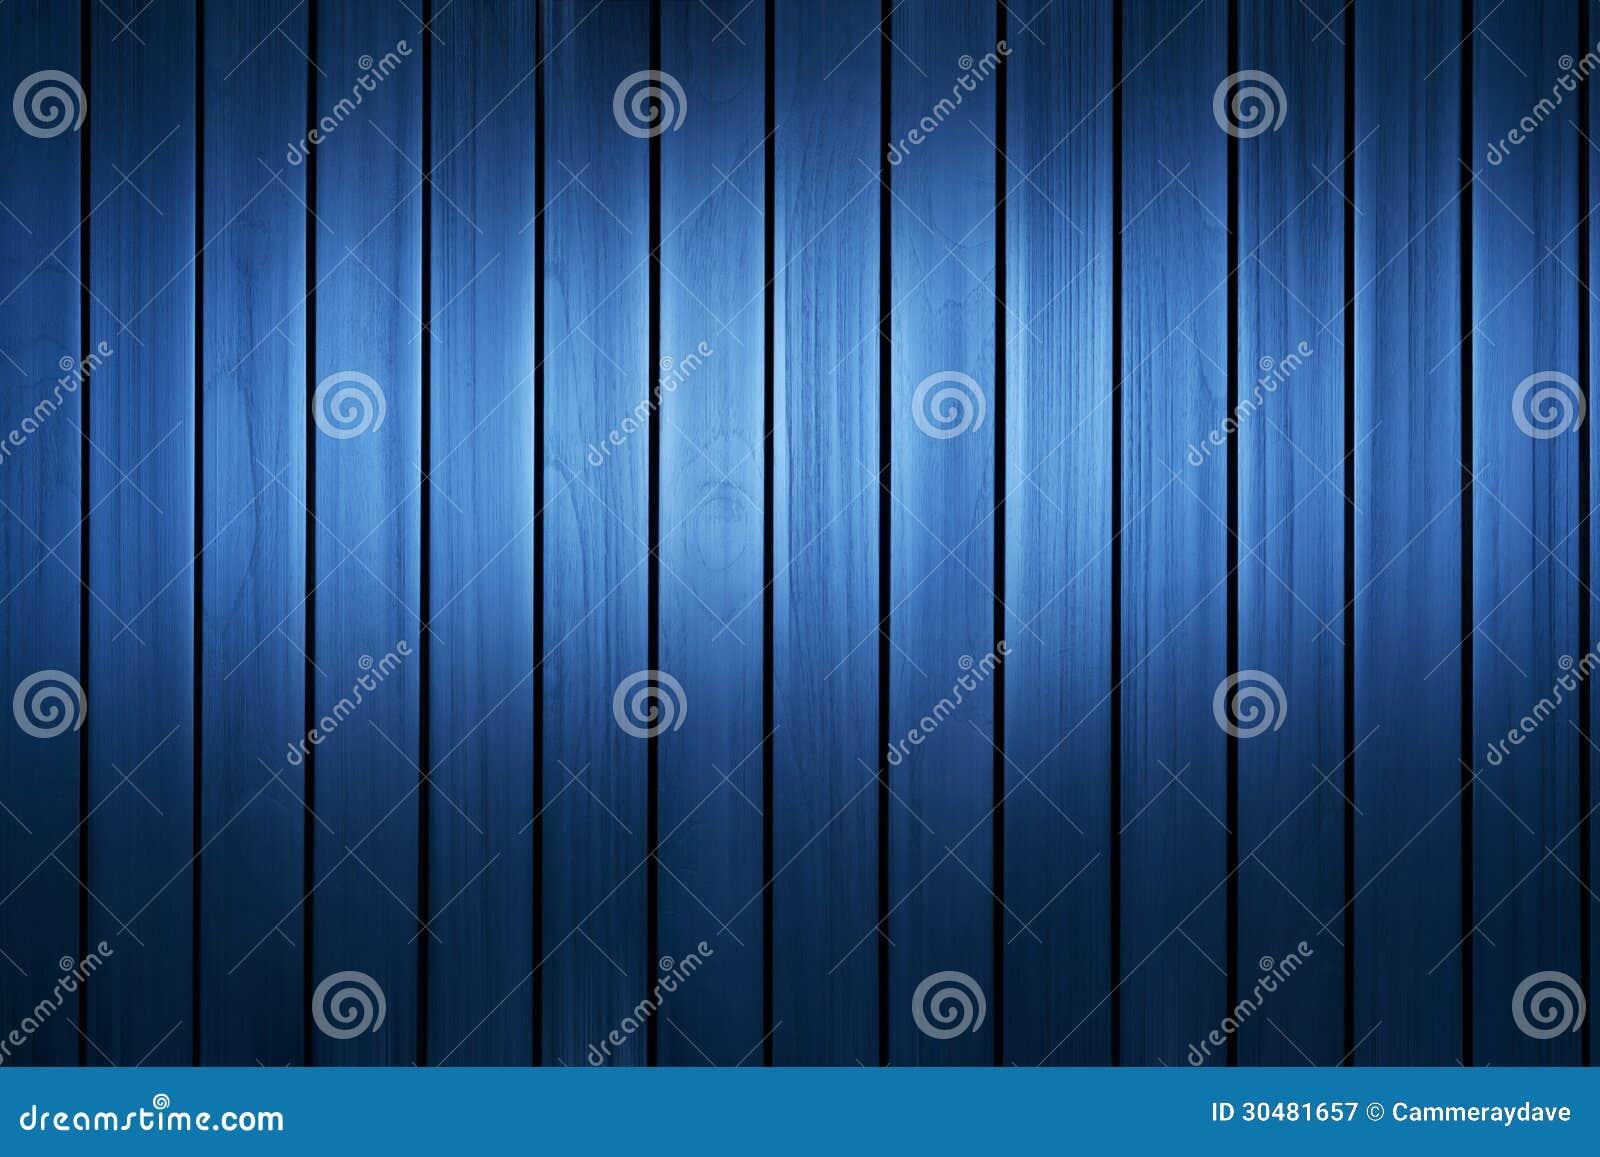 Μπλε αφηρημένο υπόβαθρο